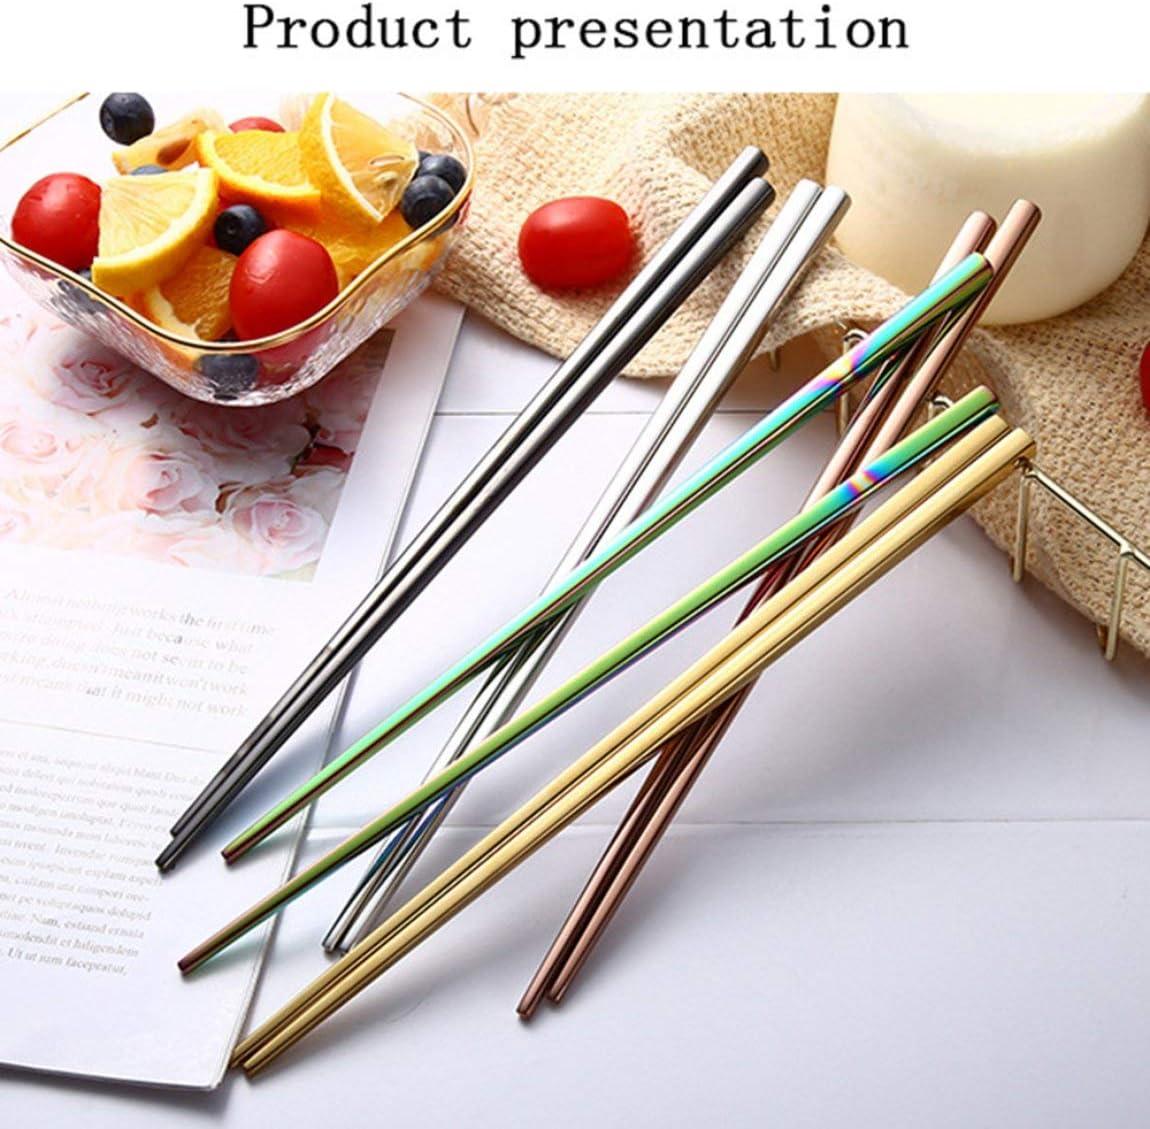 Silber Chinesische Art-rutschfeste K/üchen-Werkzeug-Geschirr-Essst/äbchen-Edelstahl-Haushalts-Kocher traditionell